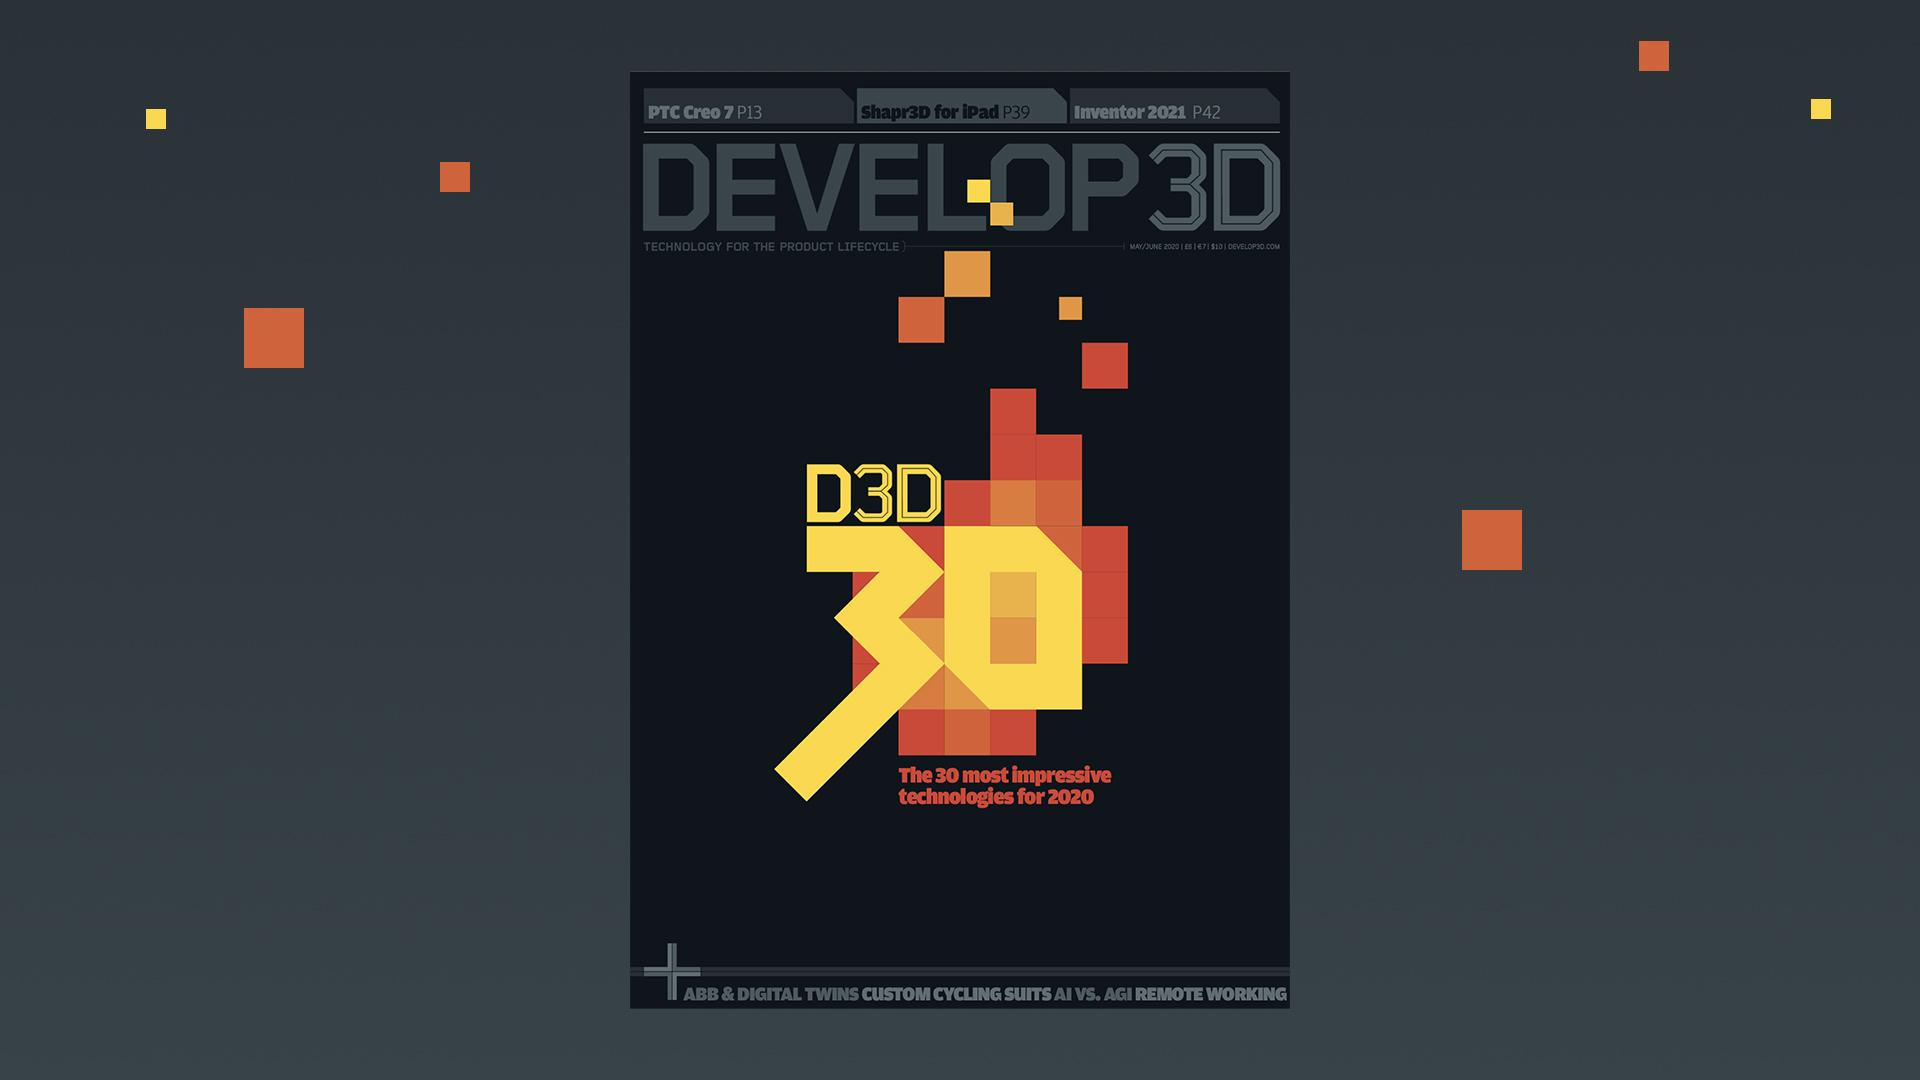 D3D 30 2020 list technologies MAIN